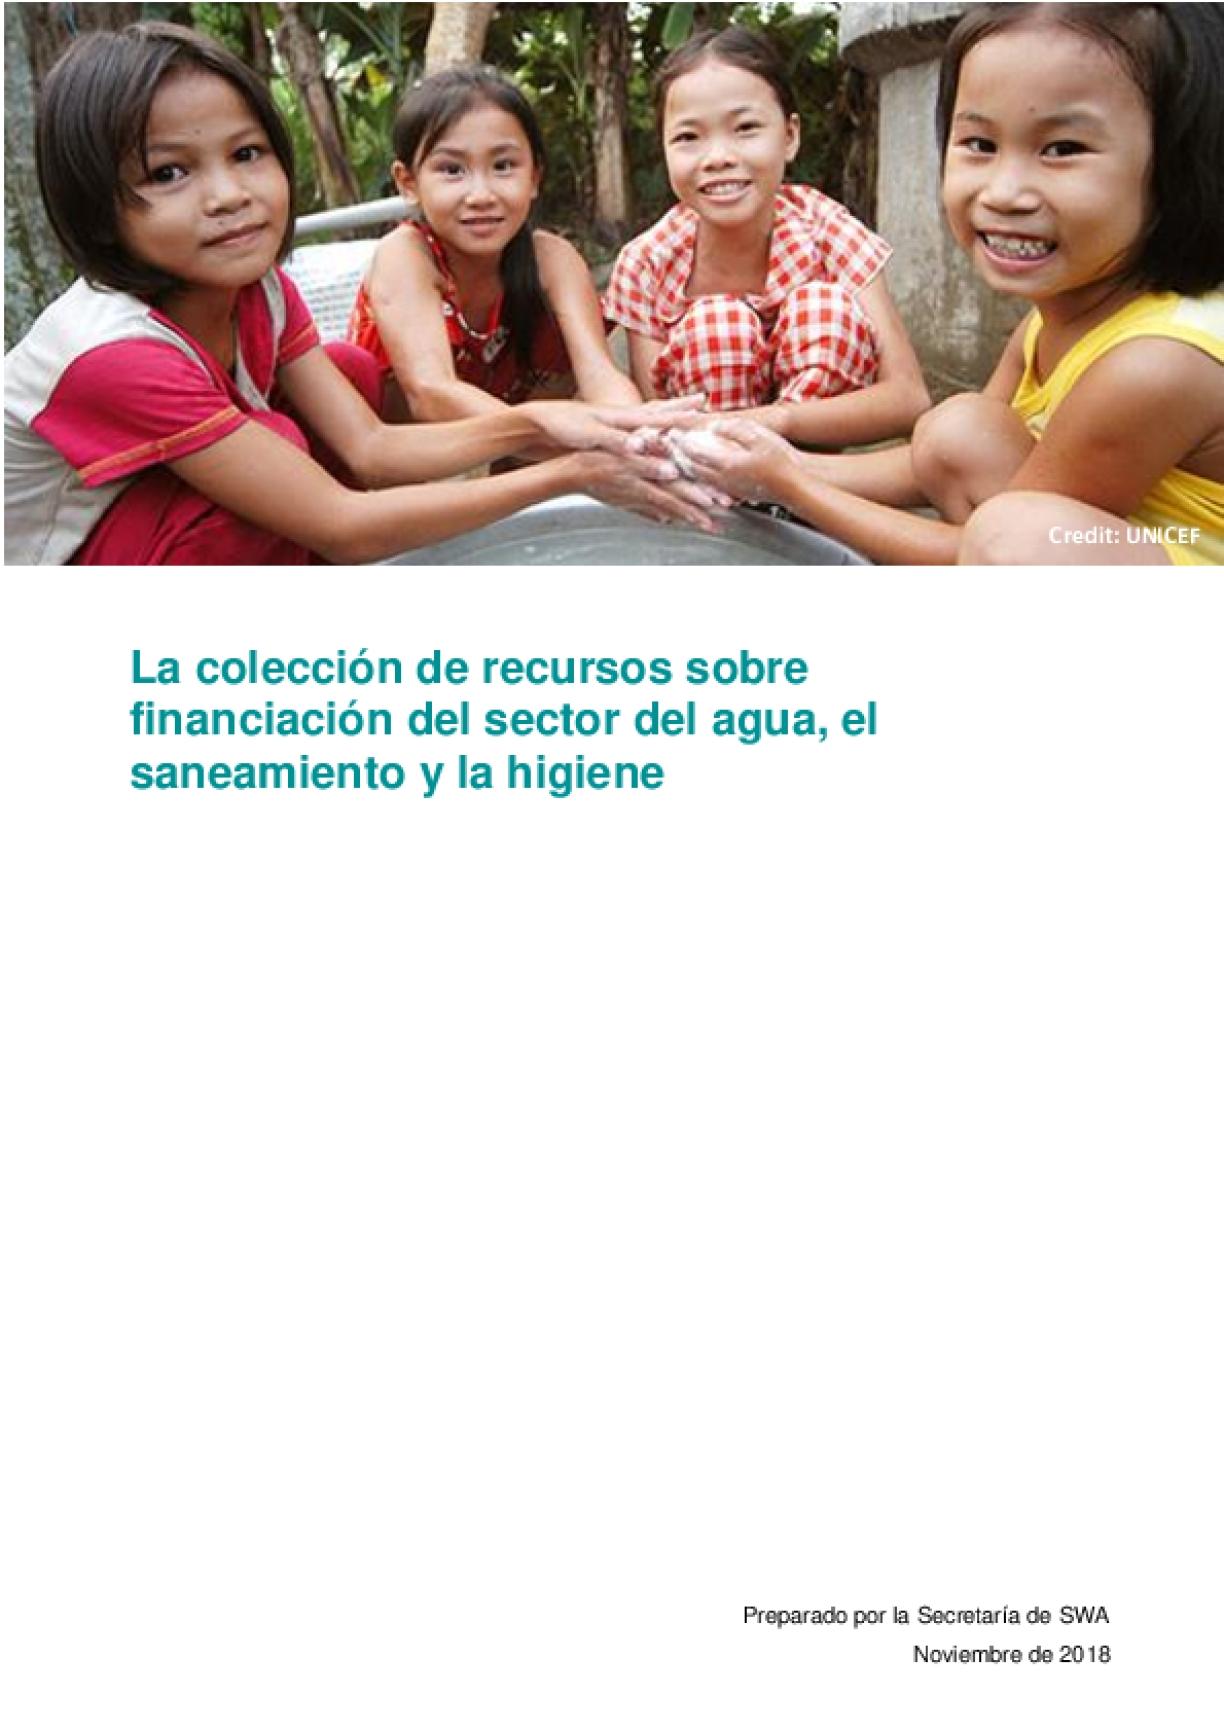 La colección de recursos sobre financiación del sector del agua, el saneamiento y la higiene